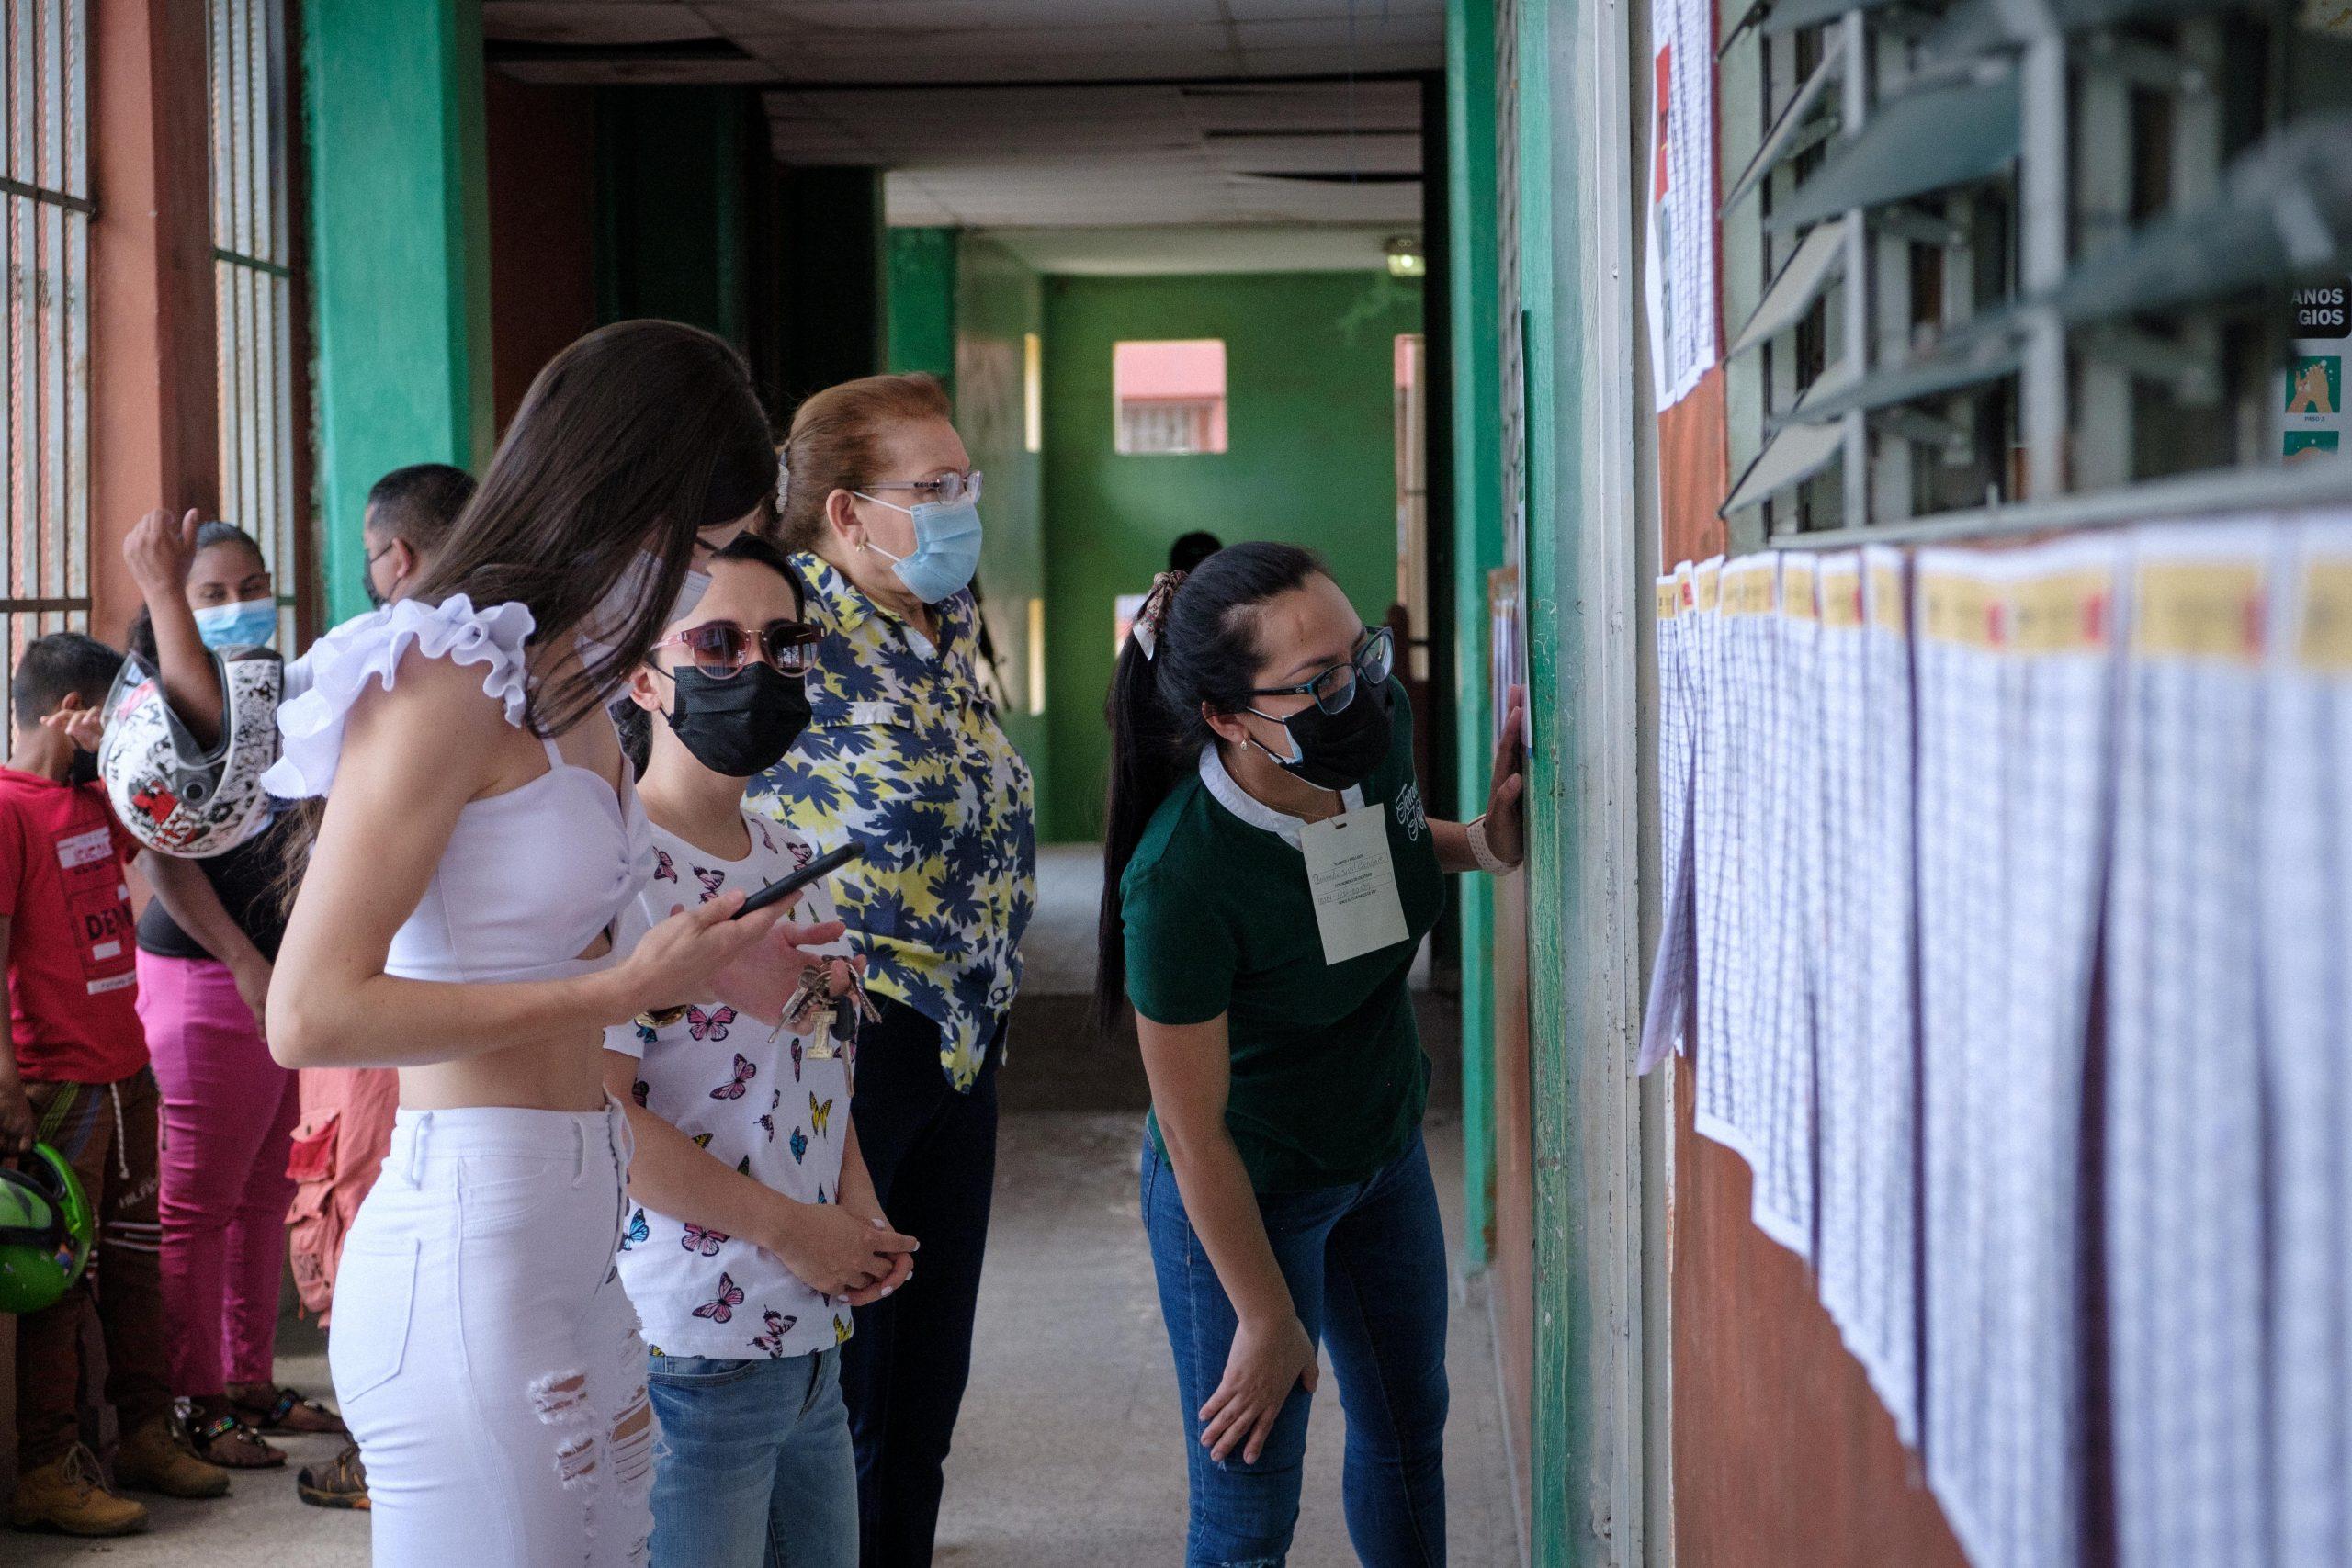 Jóvenes revisan el padrón electoral de una MER en la escuela Presentación Centeno del barrio Cabañas en la ciudad de San Pedro Sula, al final no aparecían en los listados. Varios casos de estos se presentaron en distintos centros de votación a nivel nacional. San Pedro Sula, 14 de marzo de 2021. Foto: Deiby Yanes.